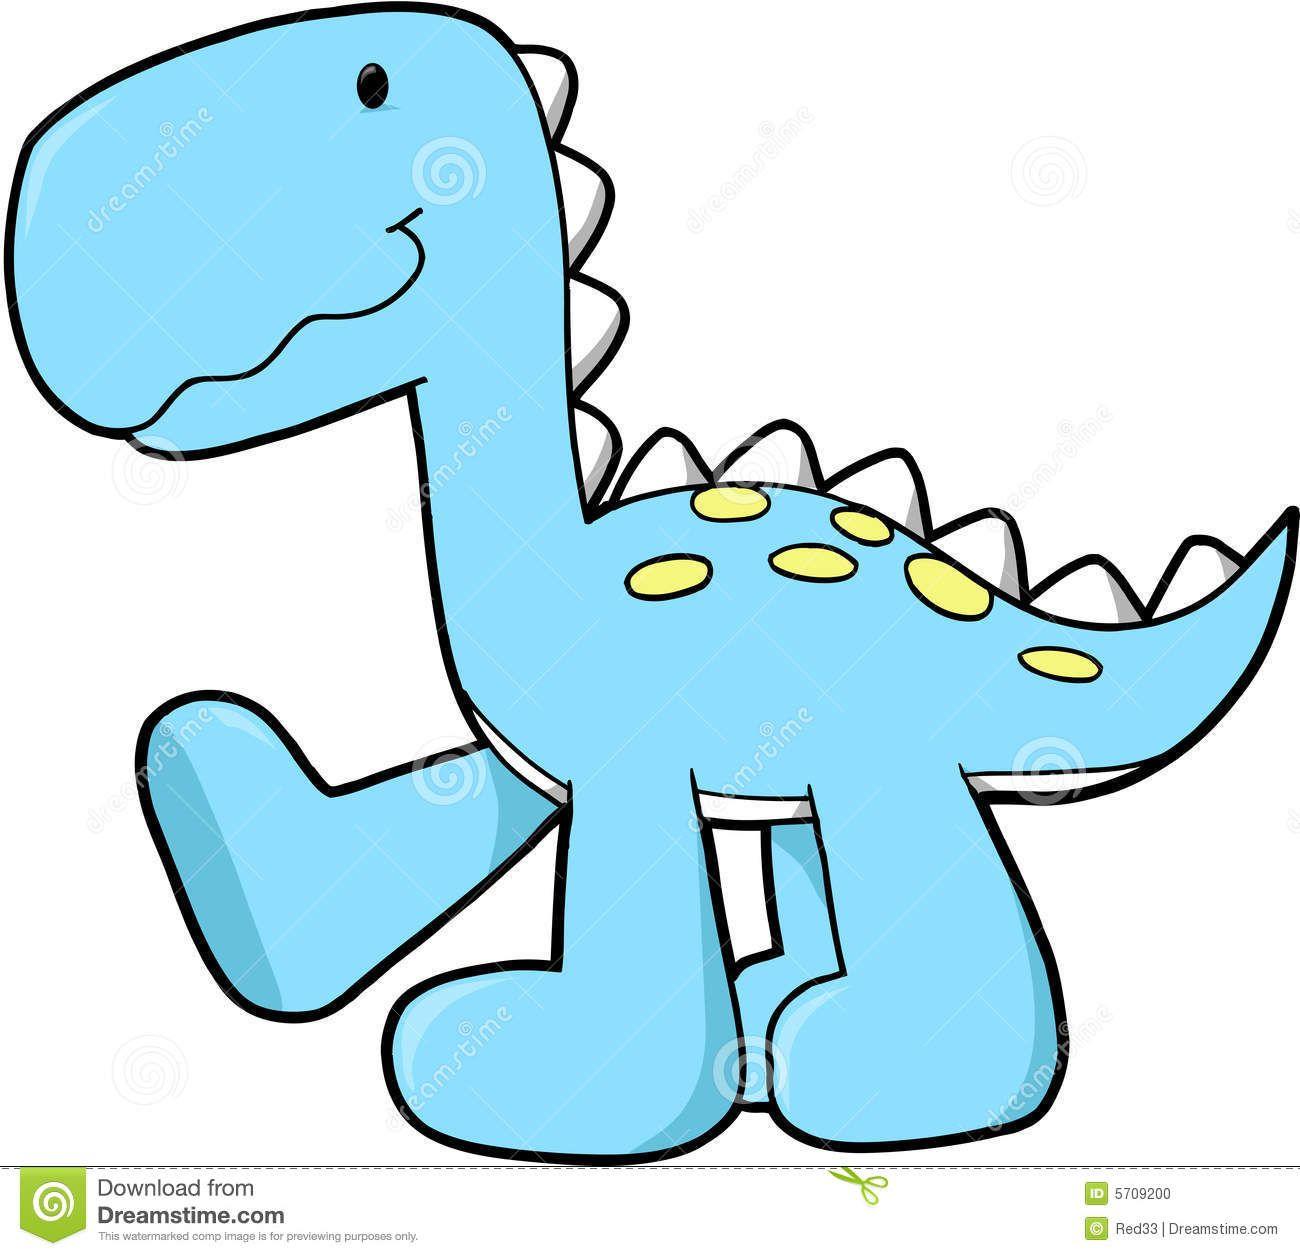 medium resolution of cute dinosaur free clipart